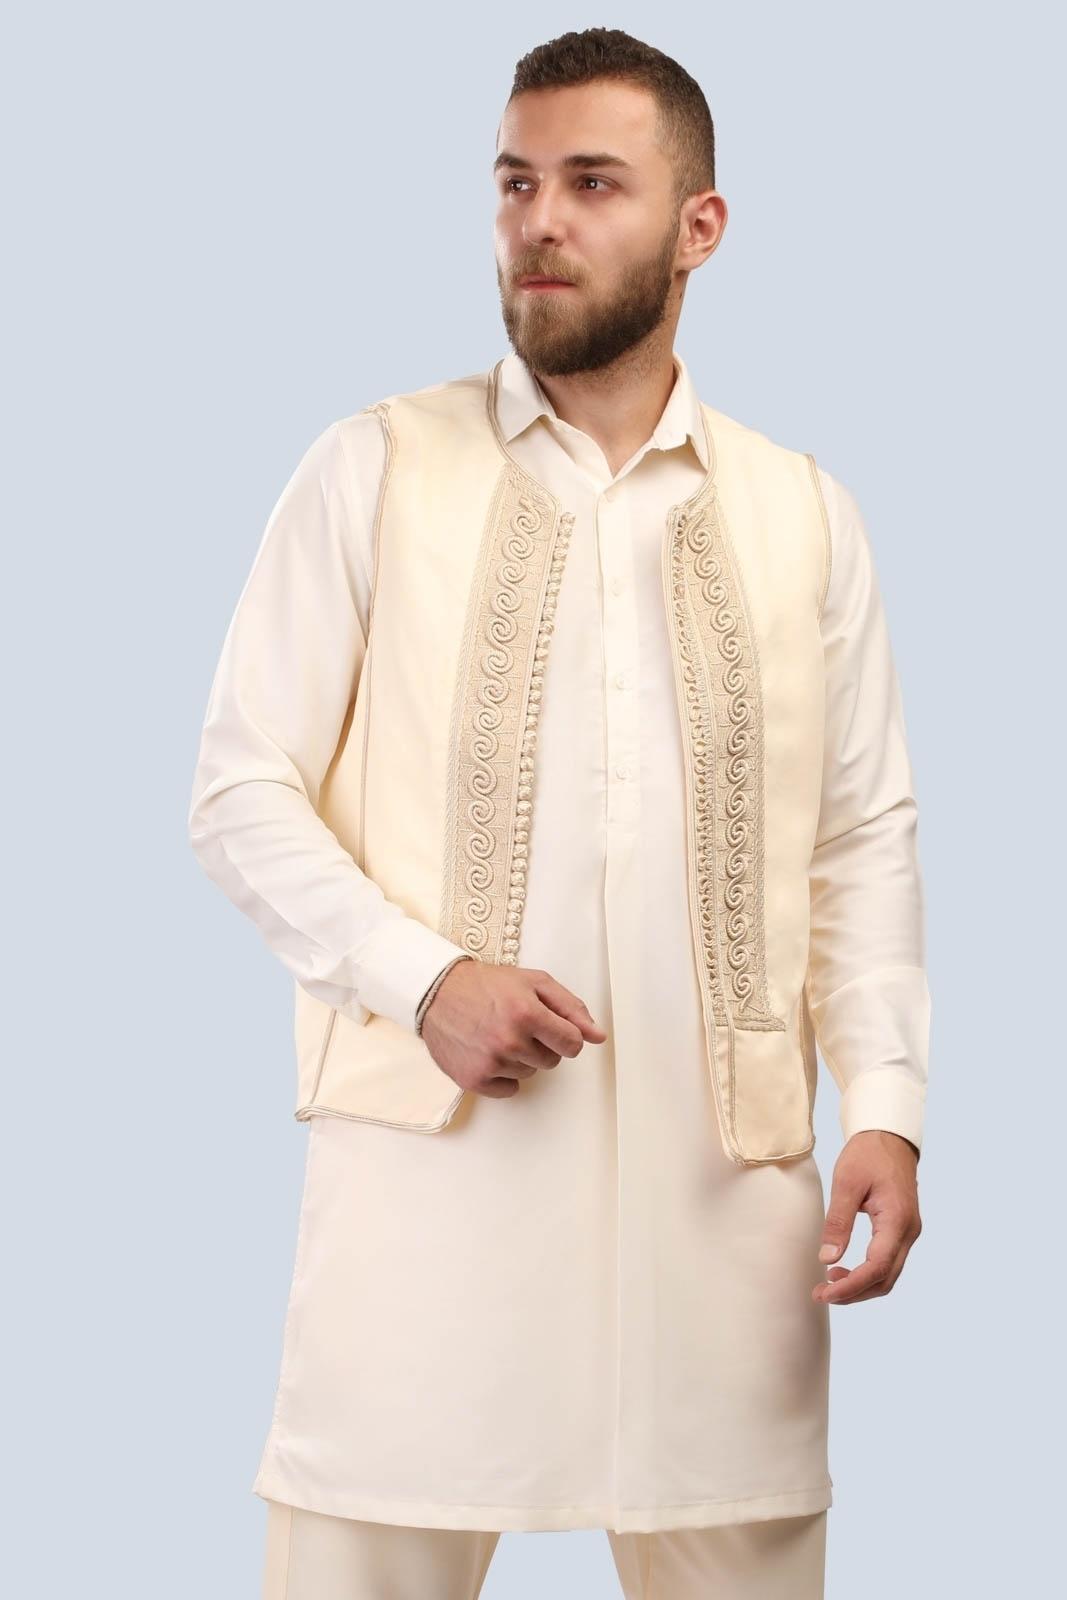 الصورة: بدلة فرملة تقليدية